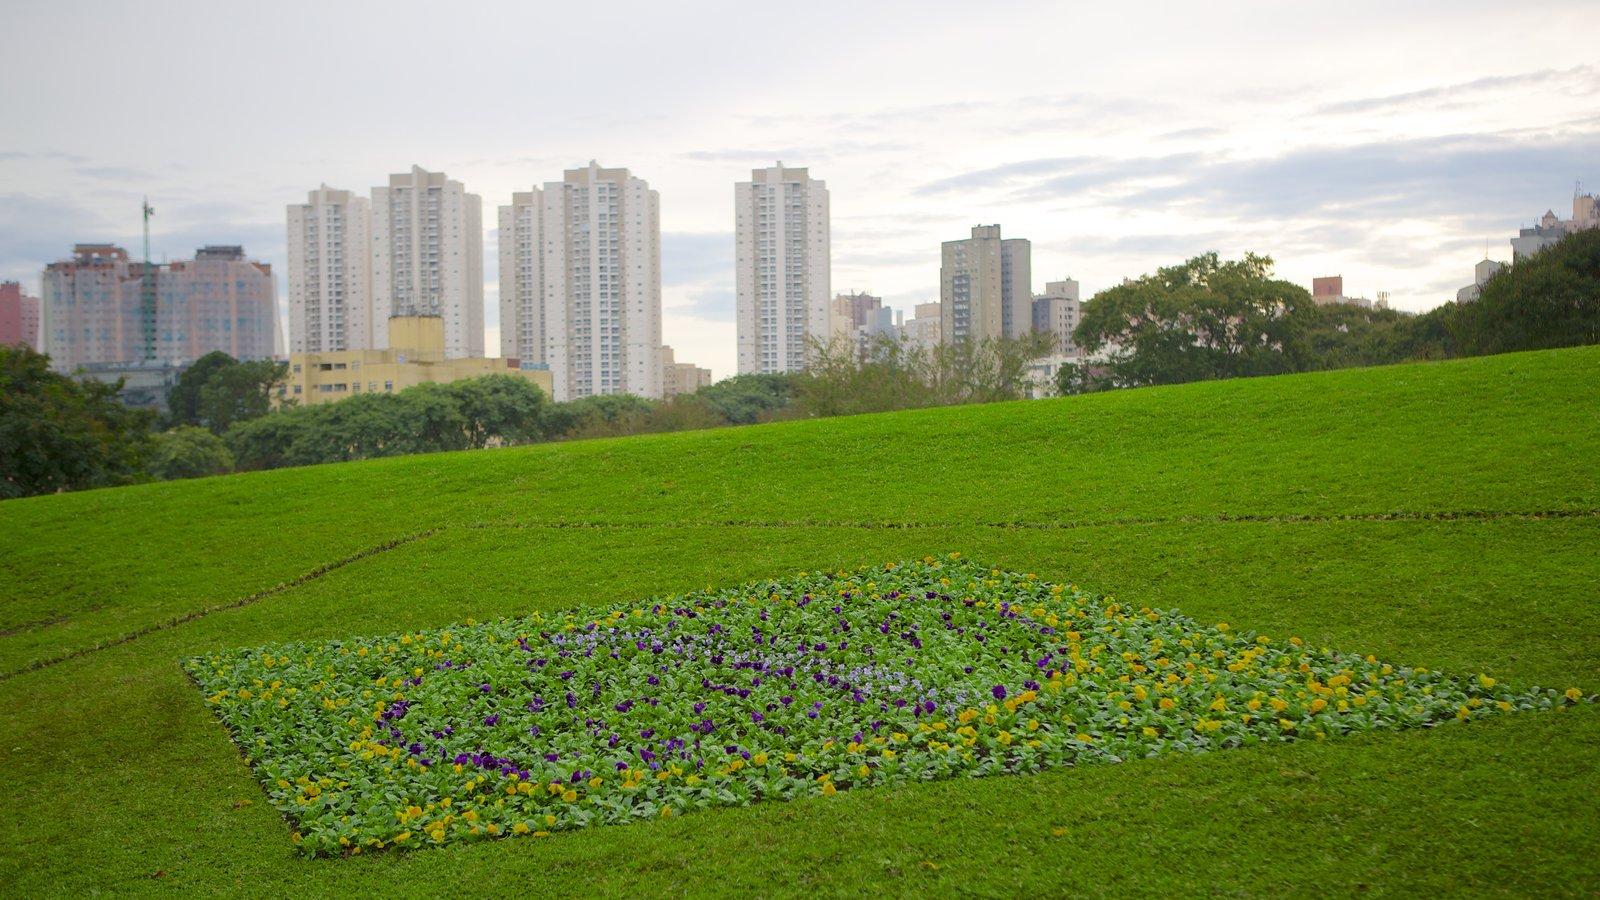 Parque Botânico de Curitiba mostrando um arranha-céu, um jardim e uma cidade